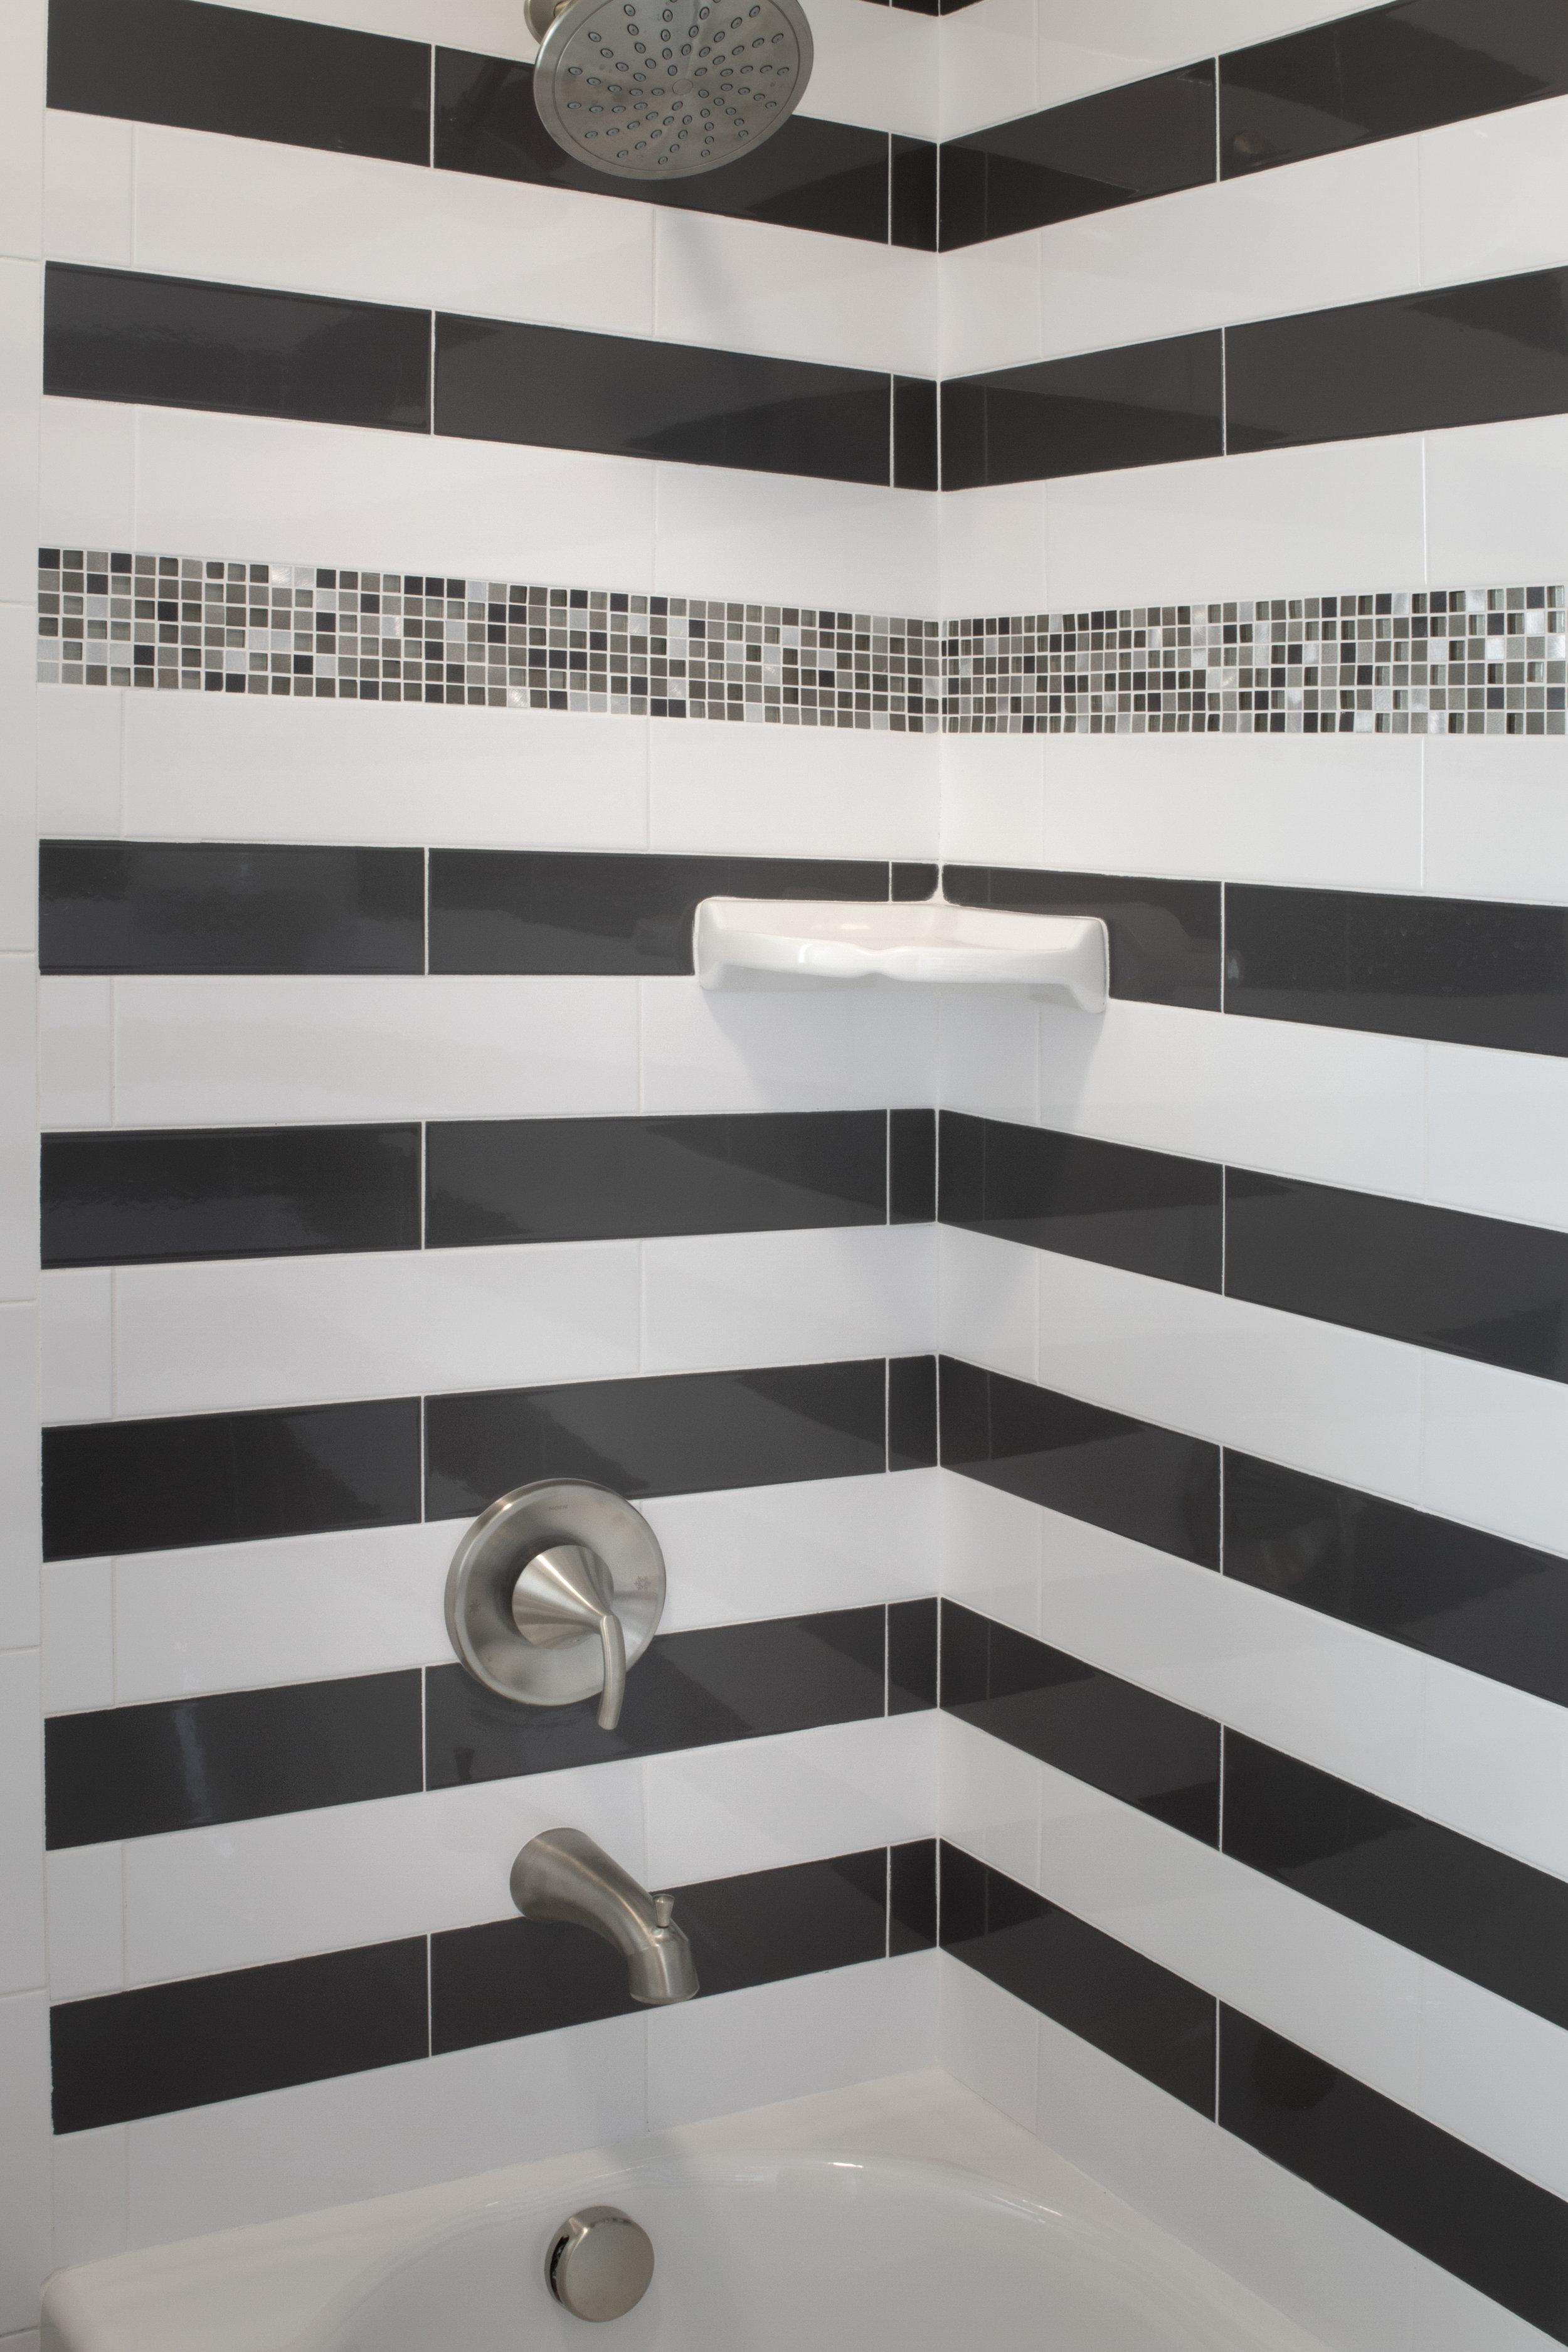 Black and White Bathroom Shower Tile